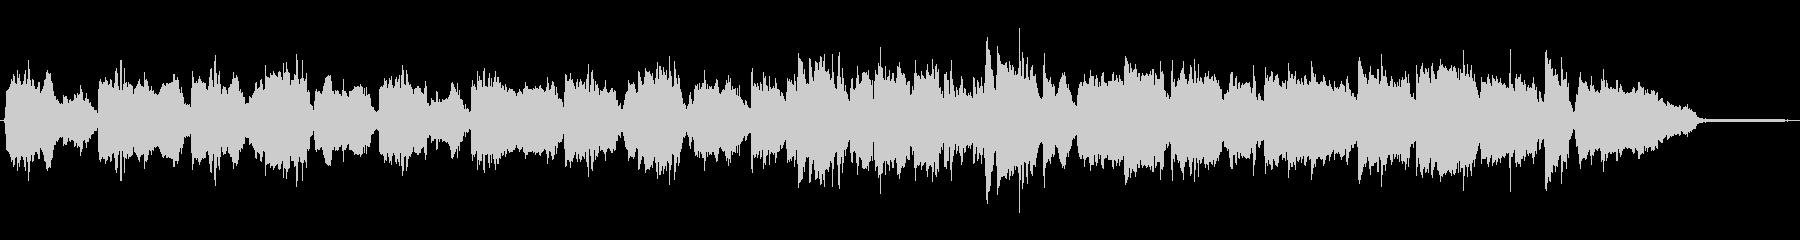 生演奏 尺八が奏でる和み系な曲 ver2の未再生の波形